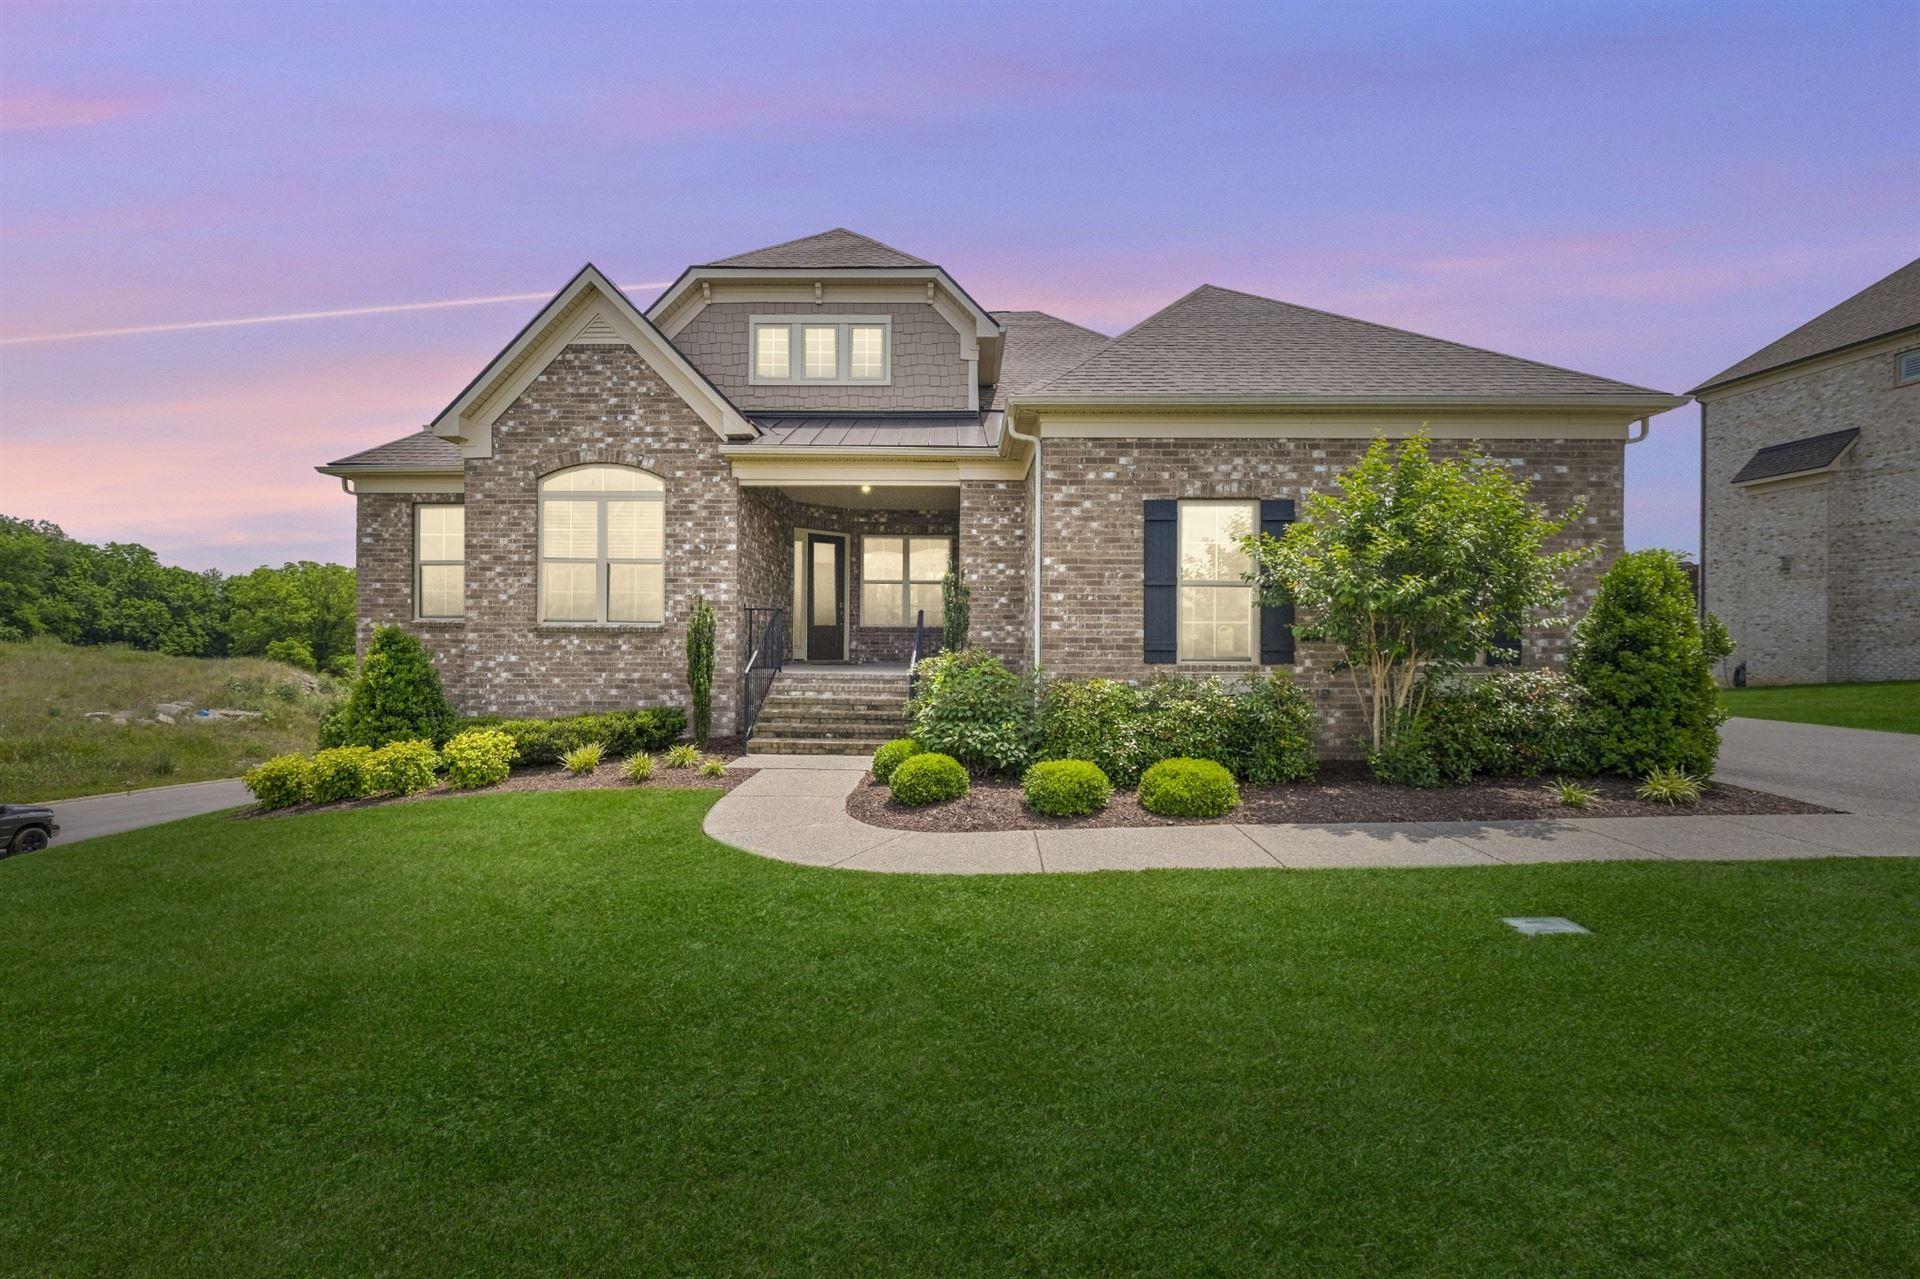 9499 Stillbrook Trce, Brentwood, TN 37027 - MLS#: 2290564